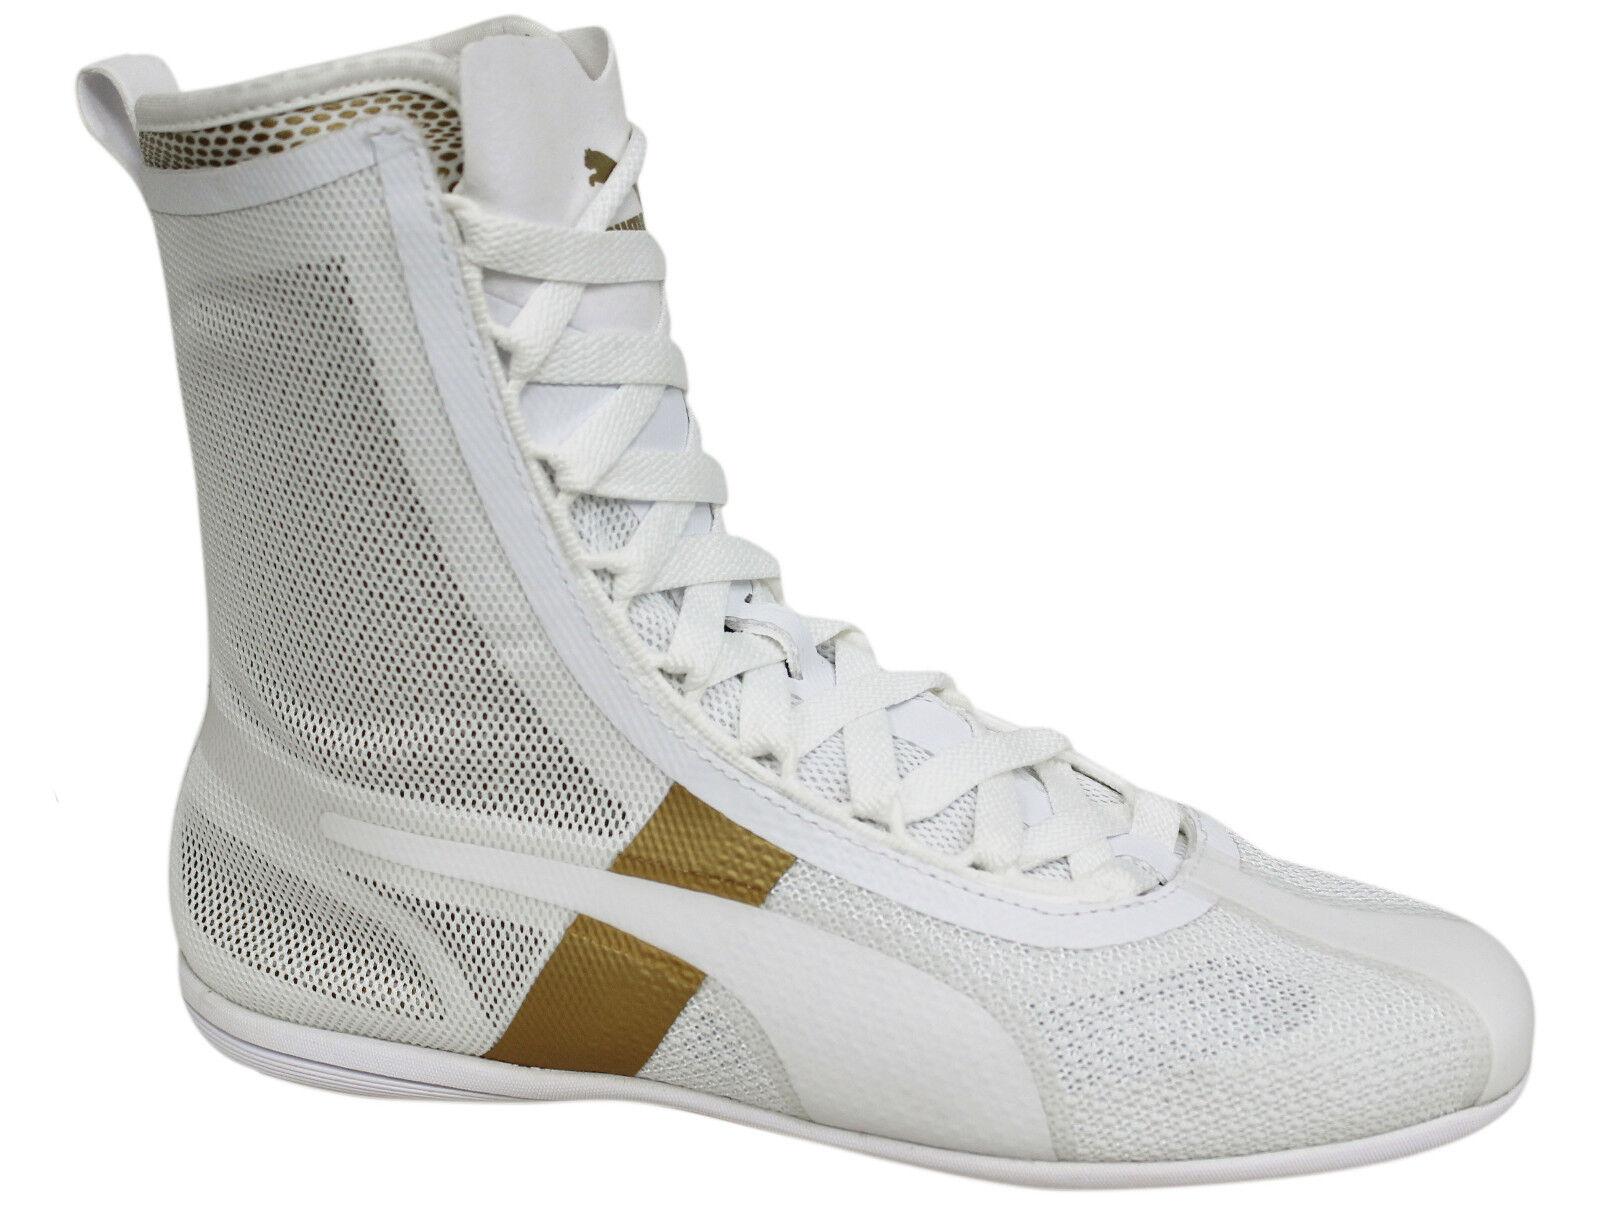 Puma Rihanna collection eskiva Hi Evo pour Femme Blanc À Lacets Chaussures 362017 01 U74